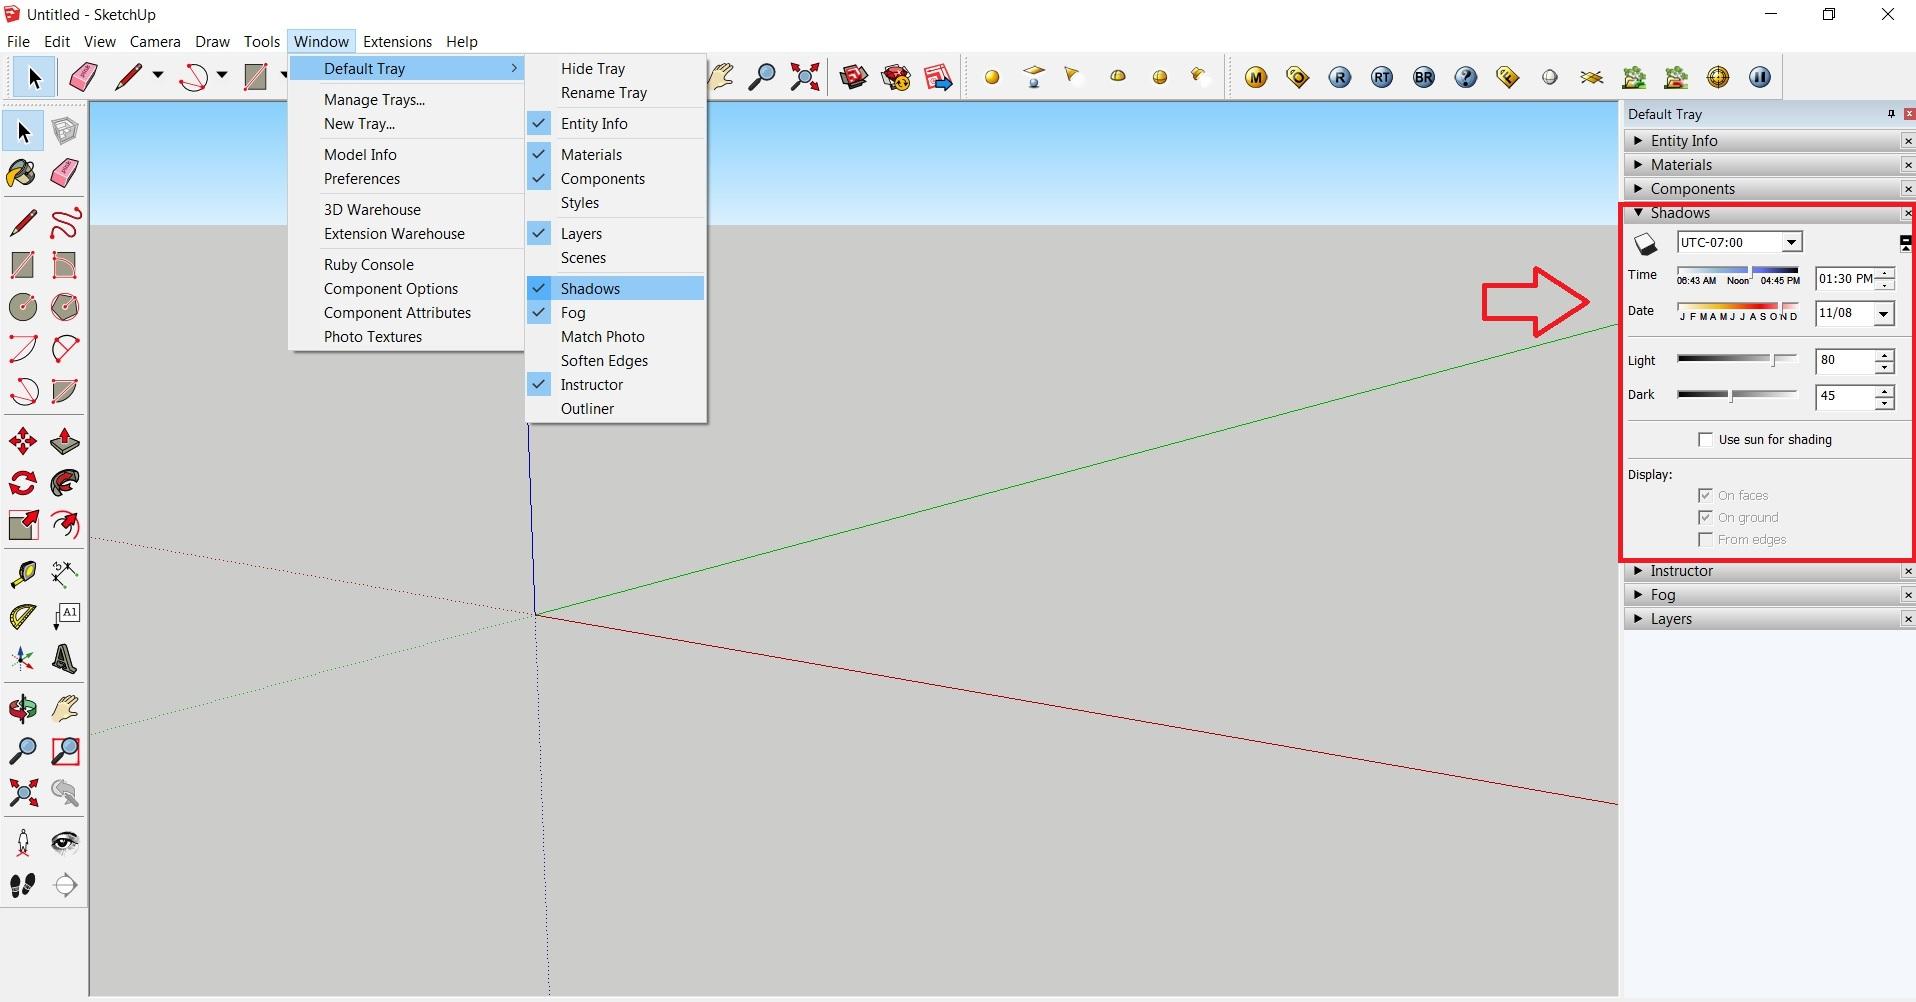 ایجاد سایه برای مدل در اسکچاپ 3